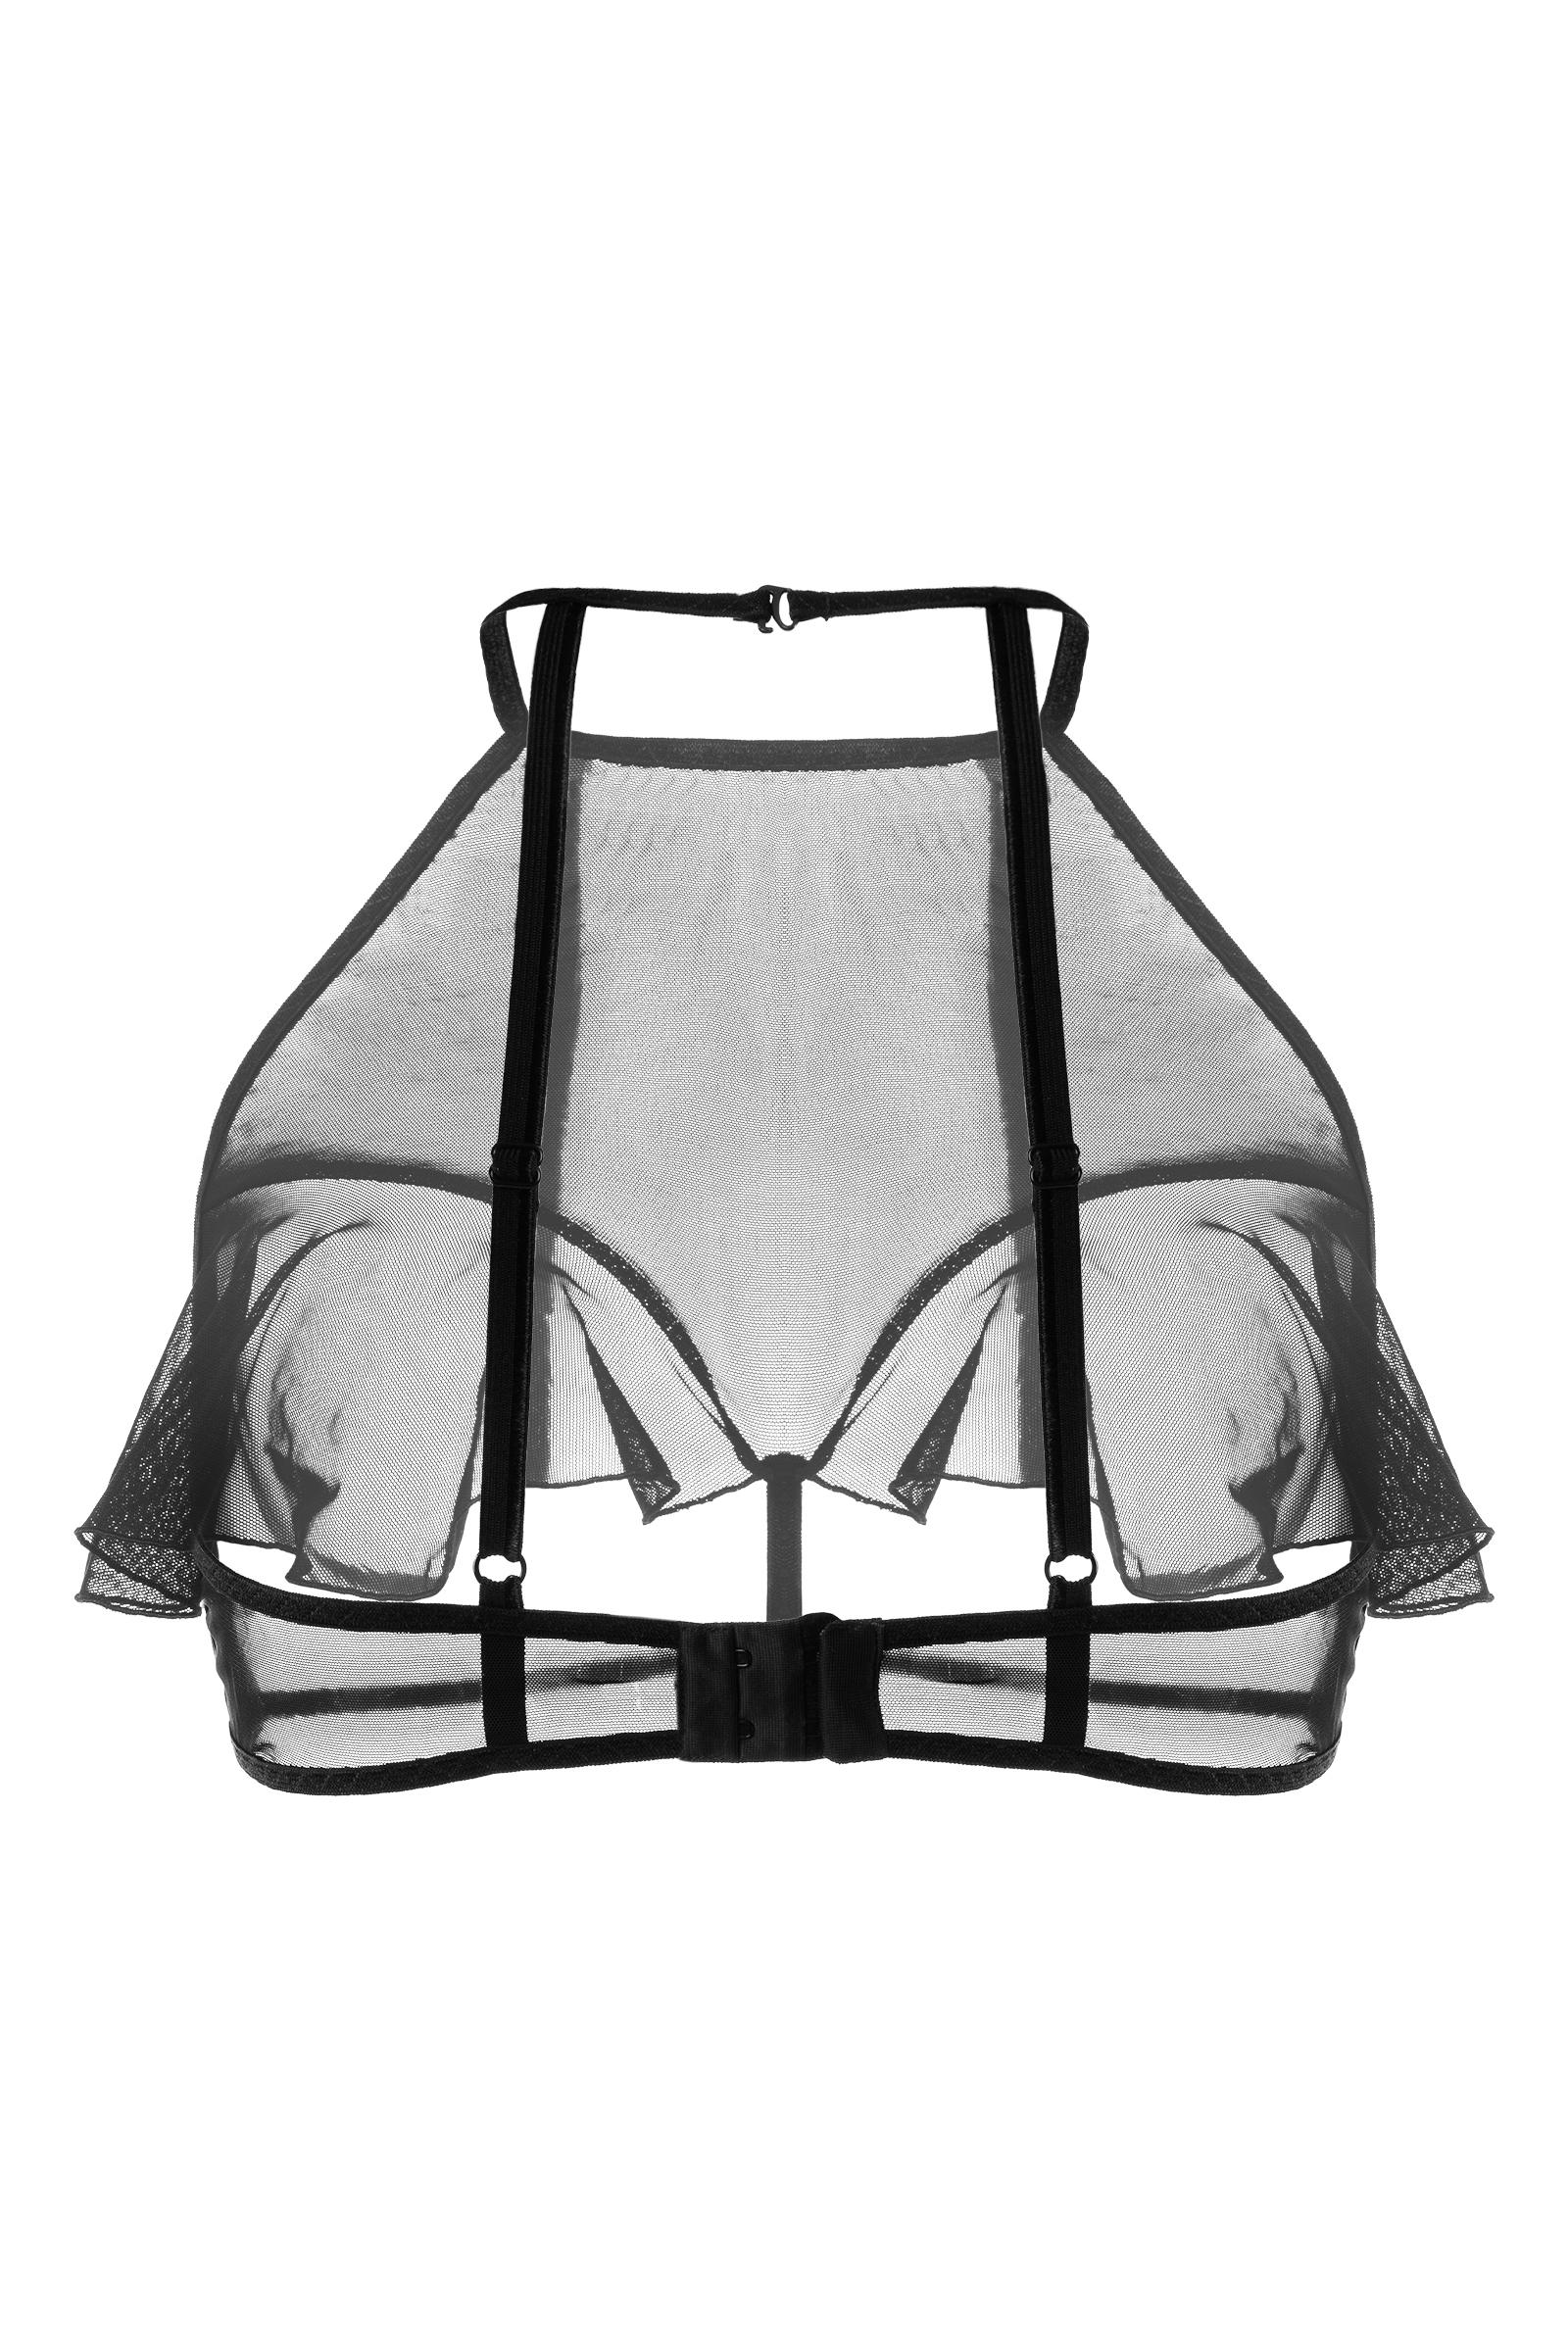 Эротический бралетт Erolanta Karen с открытой грудью, черный (50-52)